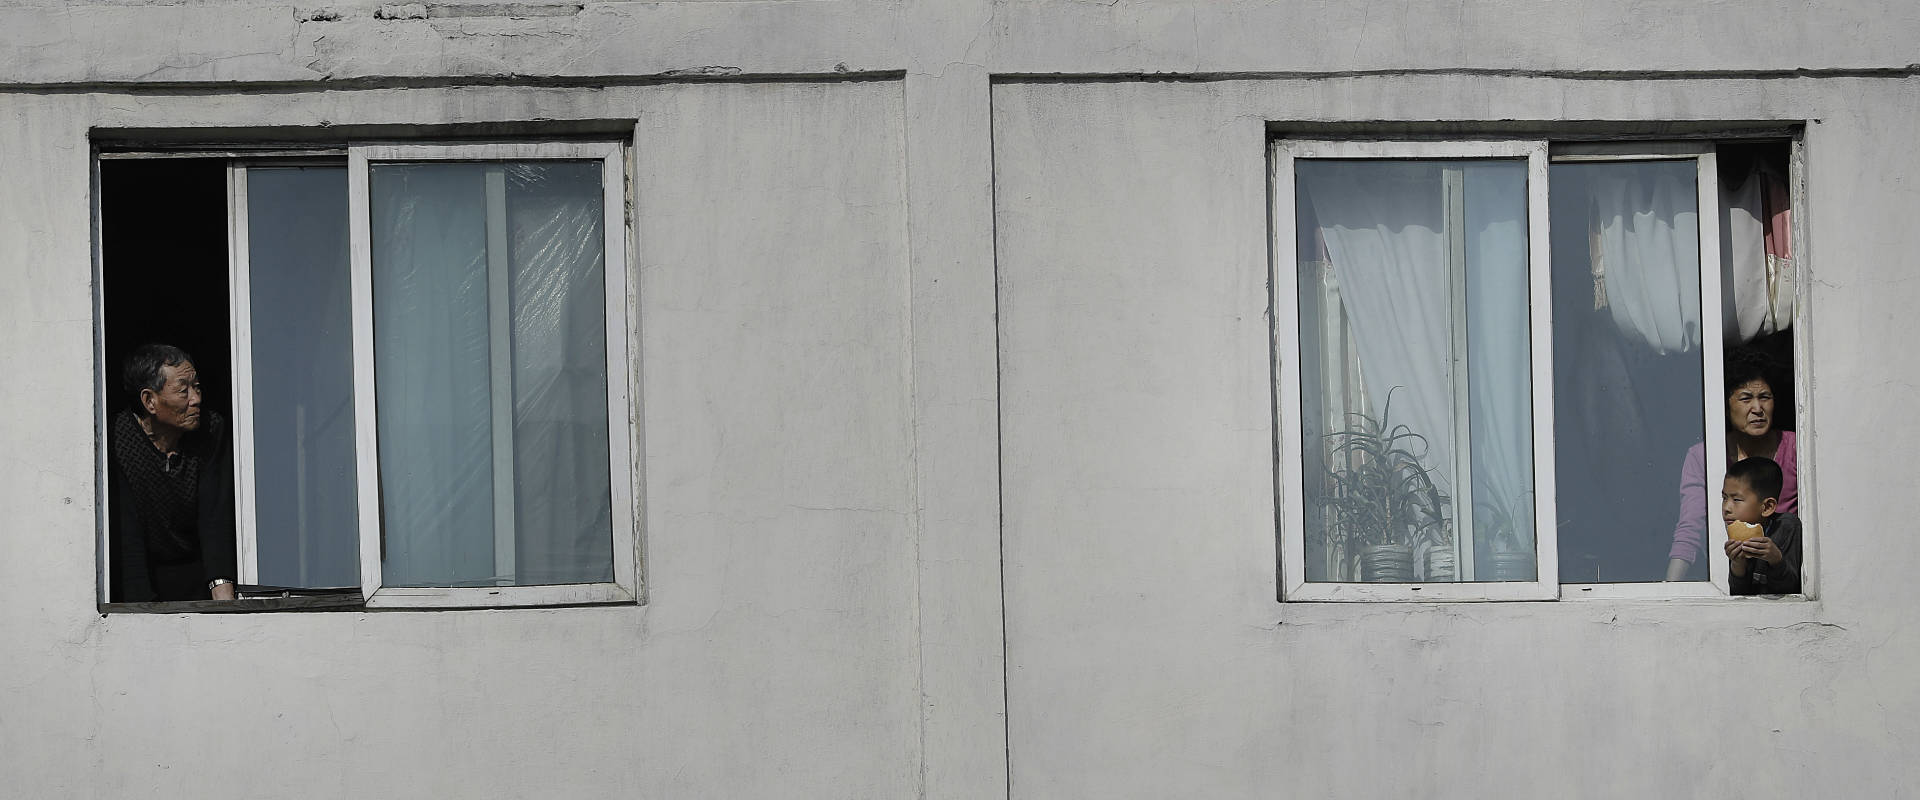 שיכון בפיונגיאנג, בירת צפון קוריאה